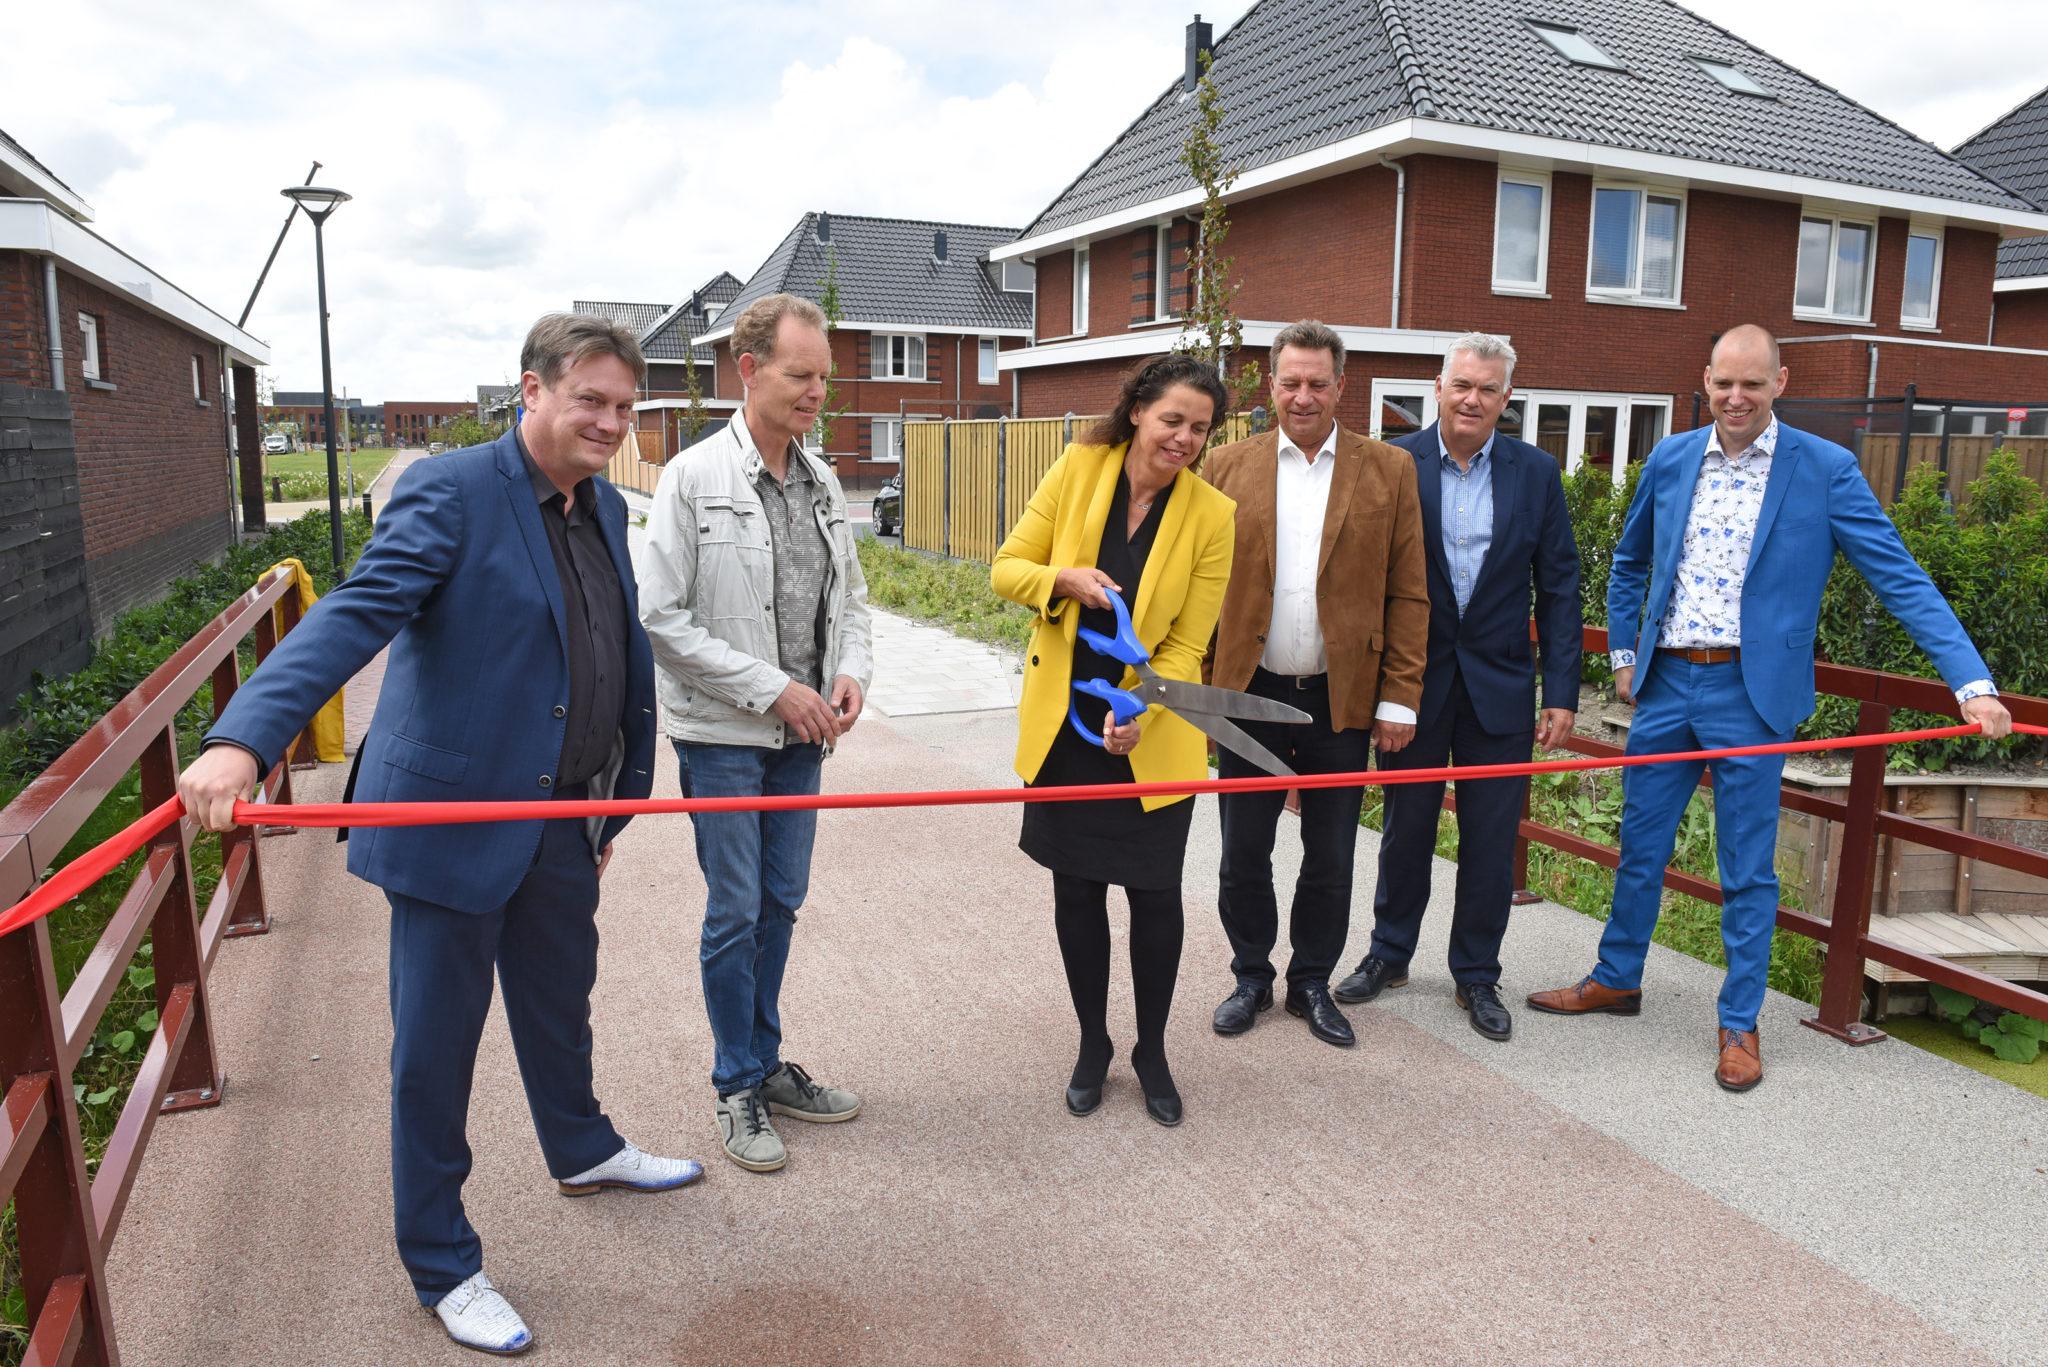 Wethouder Van Langen Knipt Lint Door Bij Fiets-voetgangersbrug In Bloesemgaerde